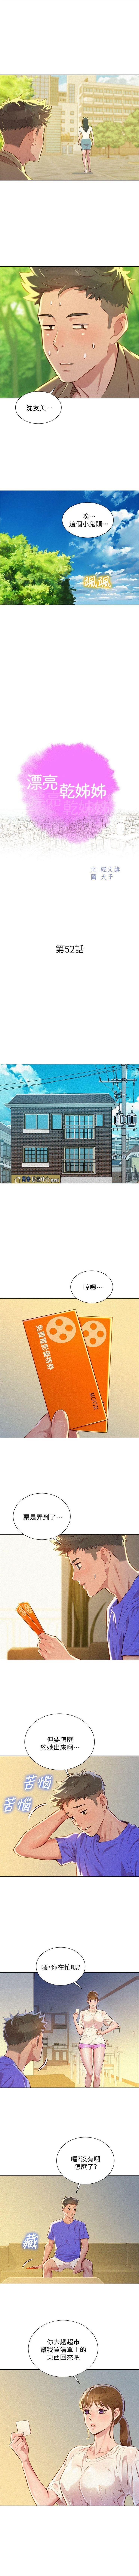 (周7)漂亮干姐姐  1-79 中文翻译 (更新中) 271